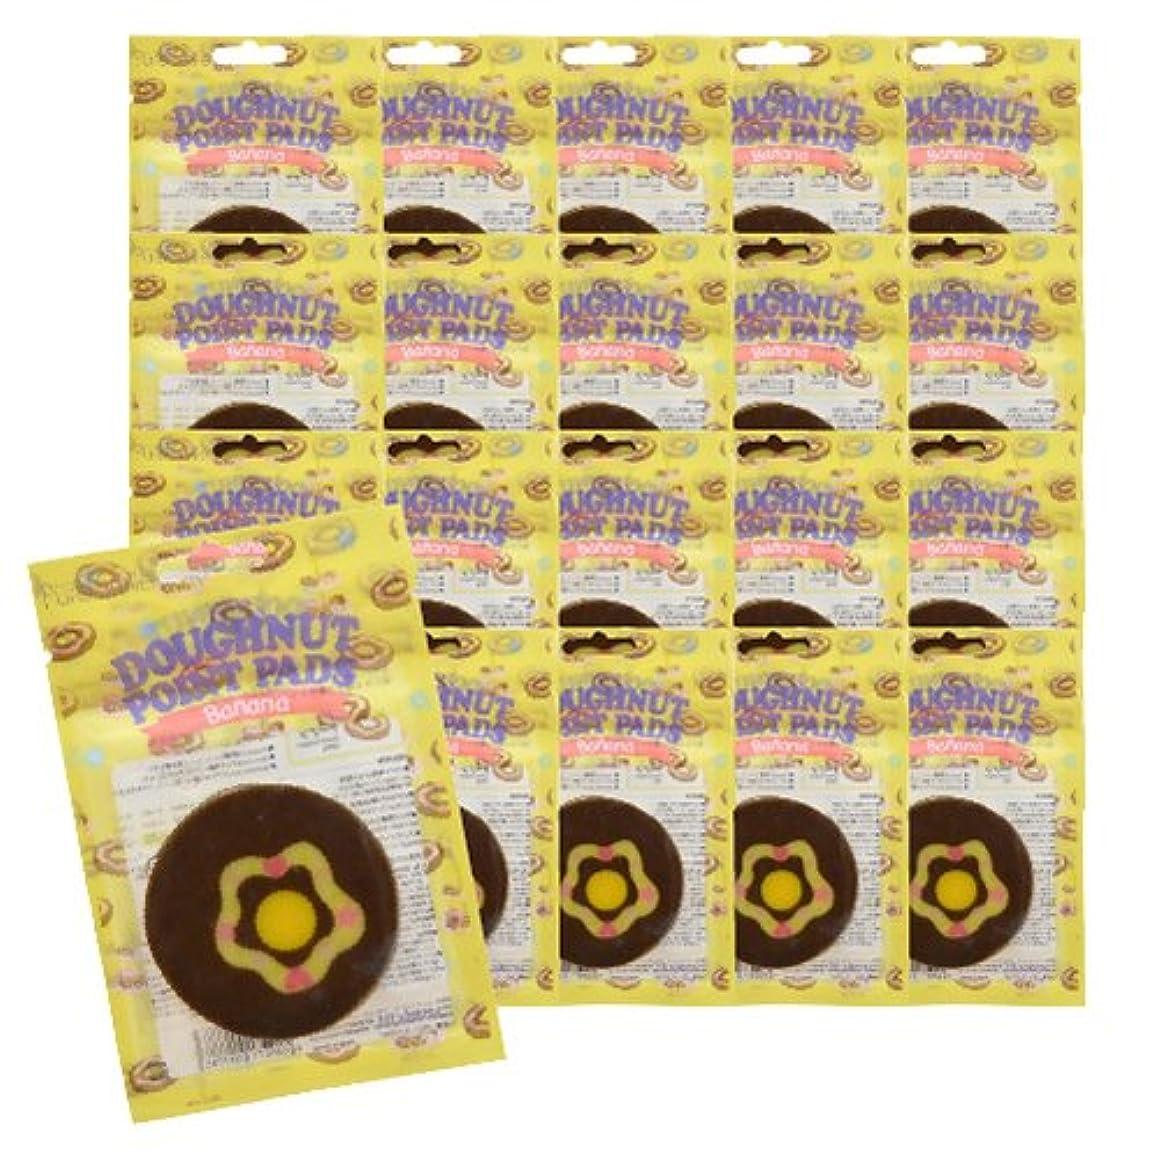 とペナルティ関係ピュアスマイル スイートドーナツポイントパッド バナナ 20枚パック